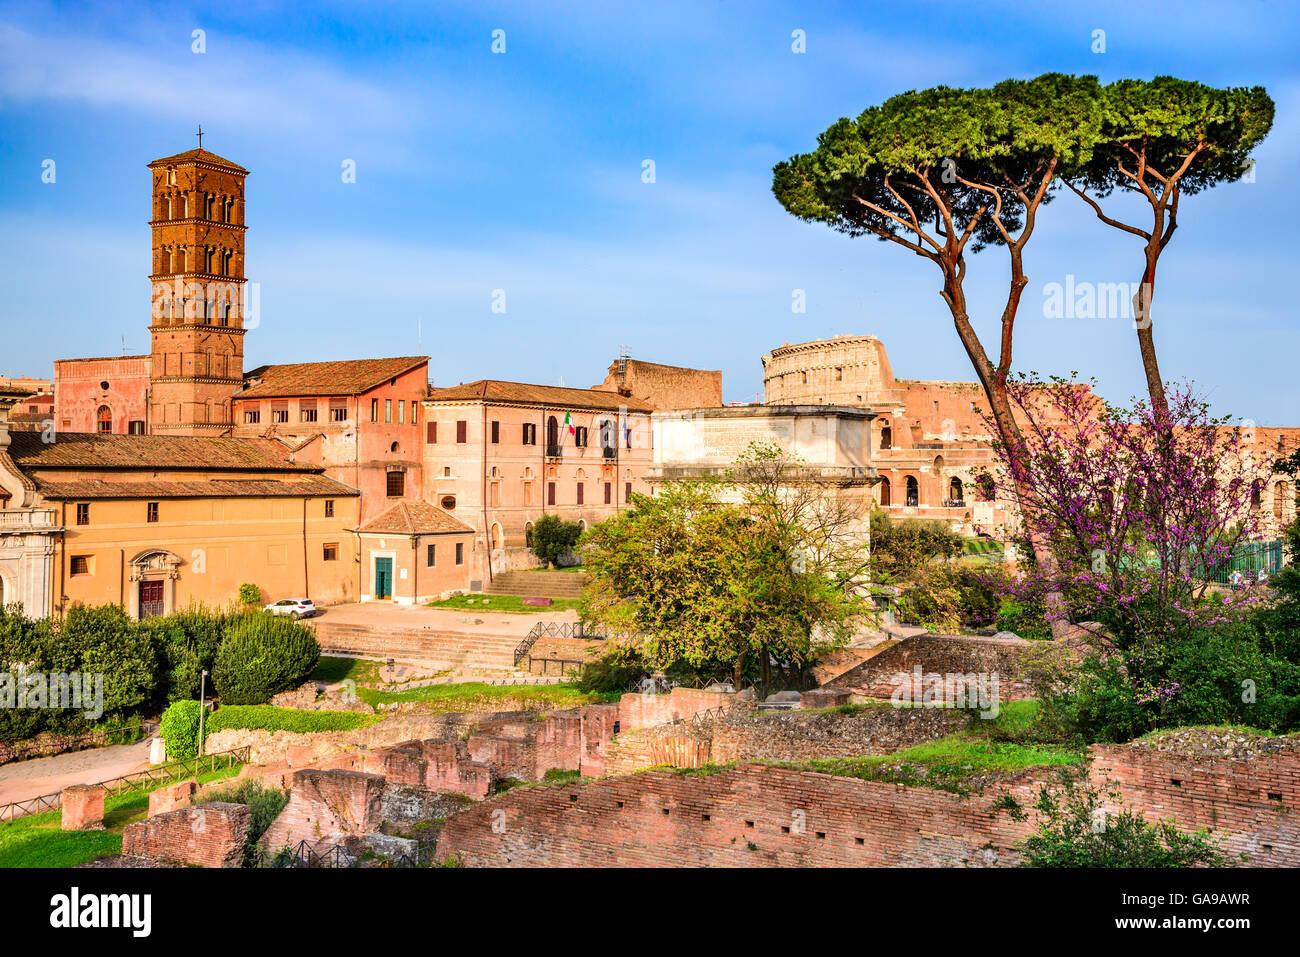 Rome, Italie. Paysage étonnant avec les ruines du Forum Romain et du Colisée, l'amphithéâtre Photo Stock